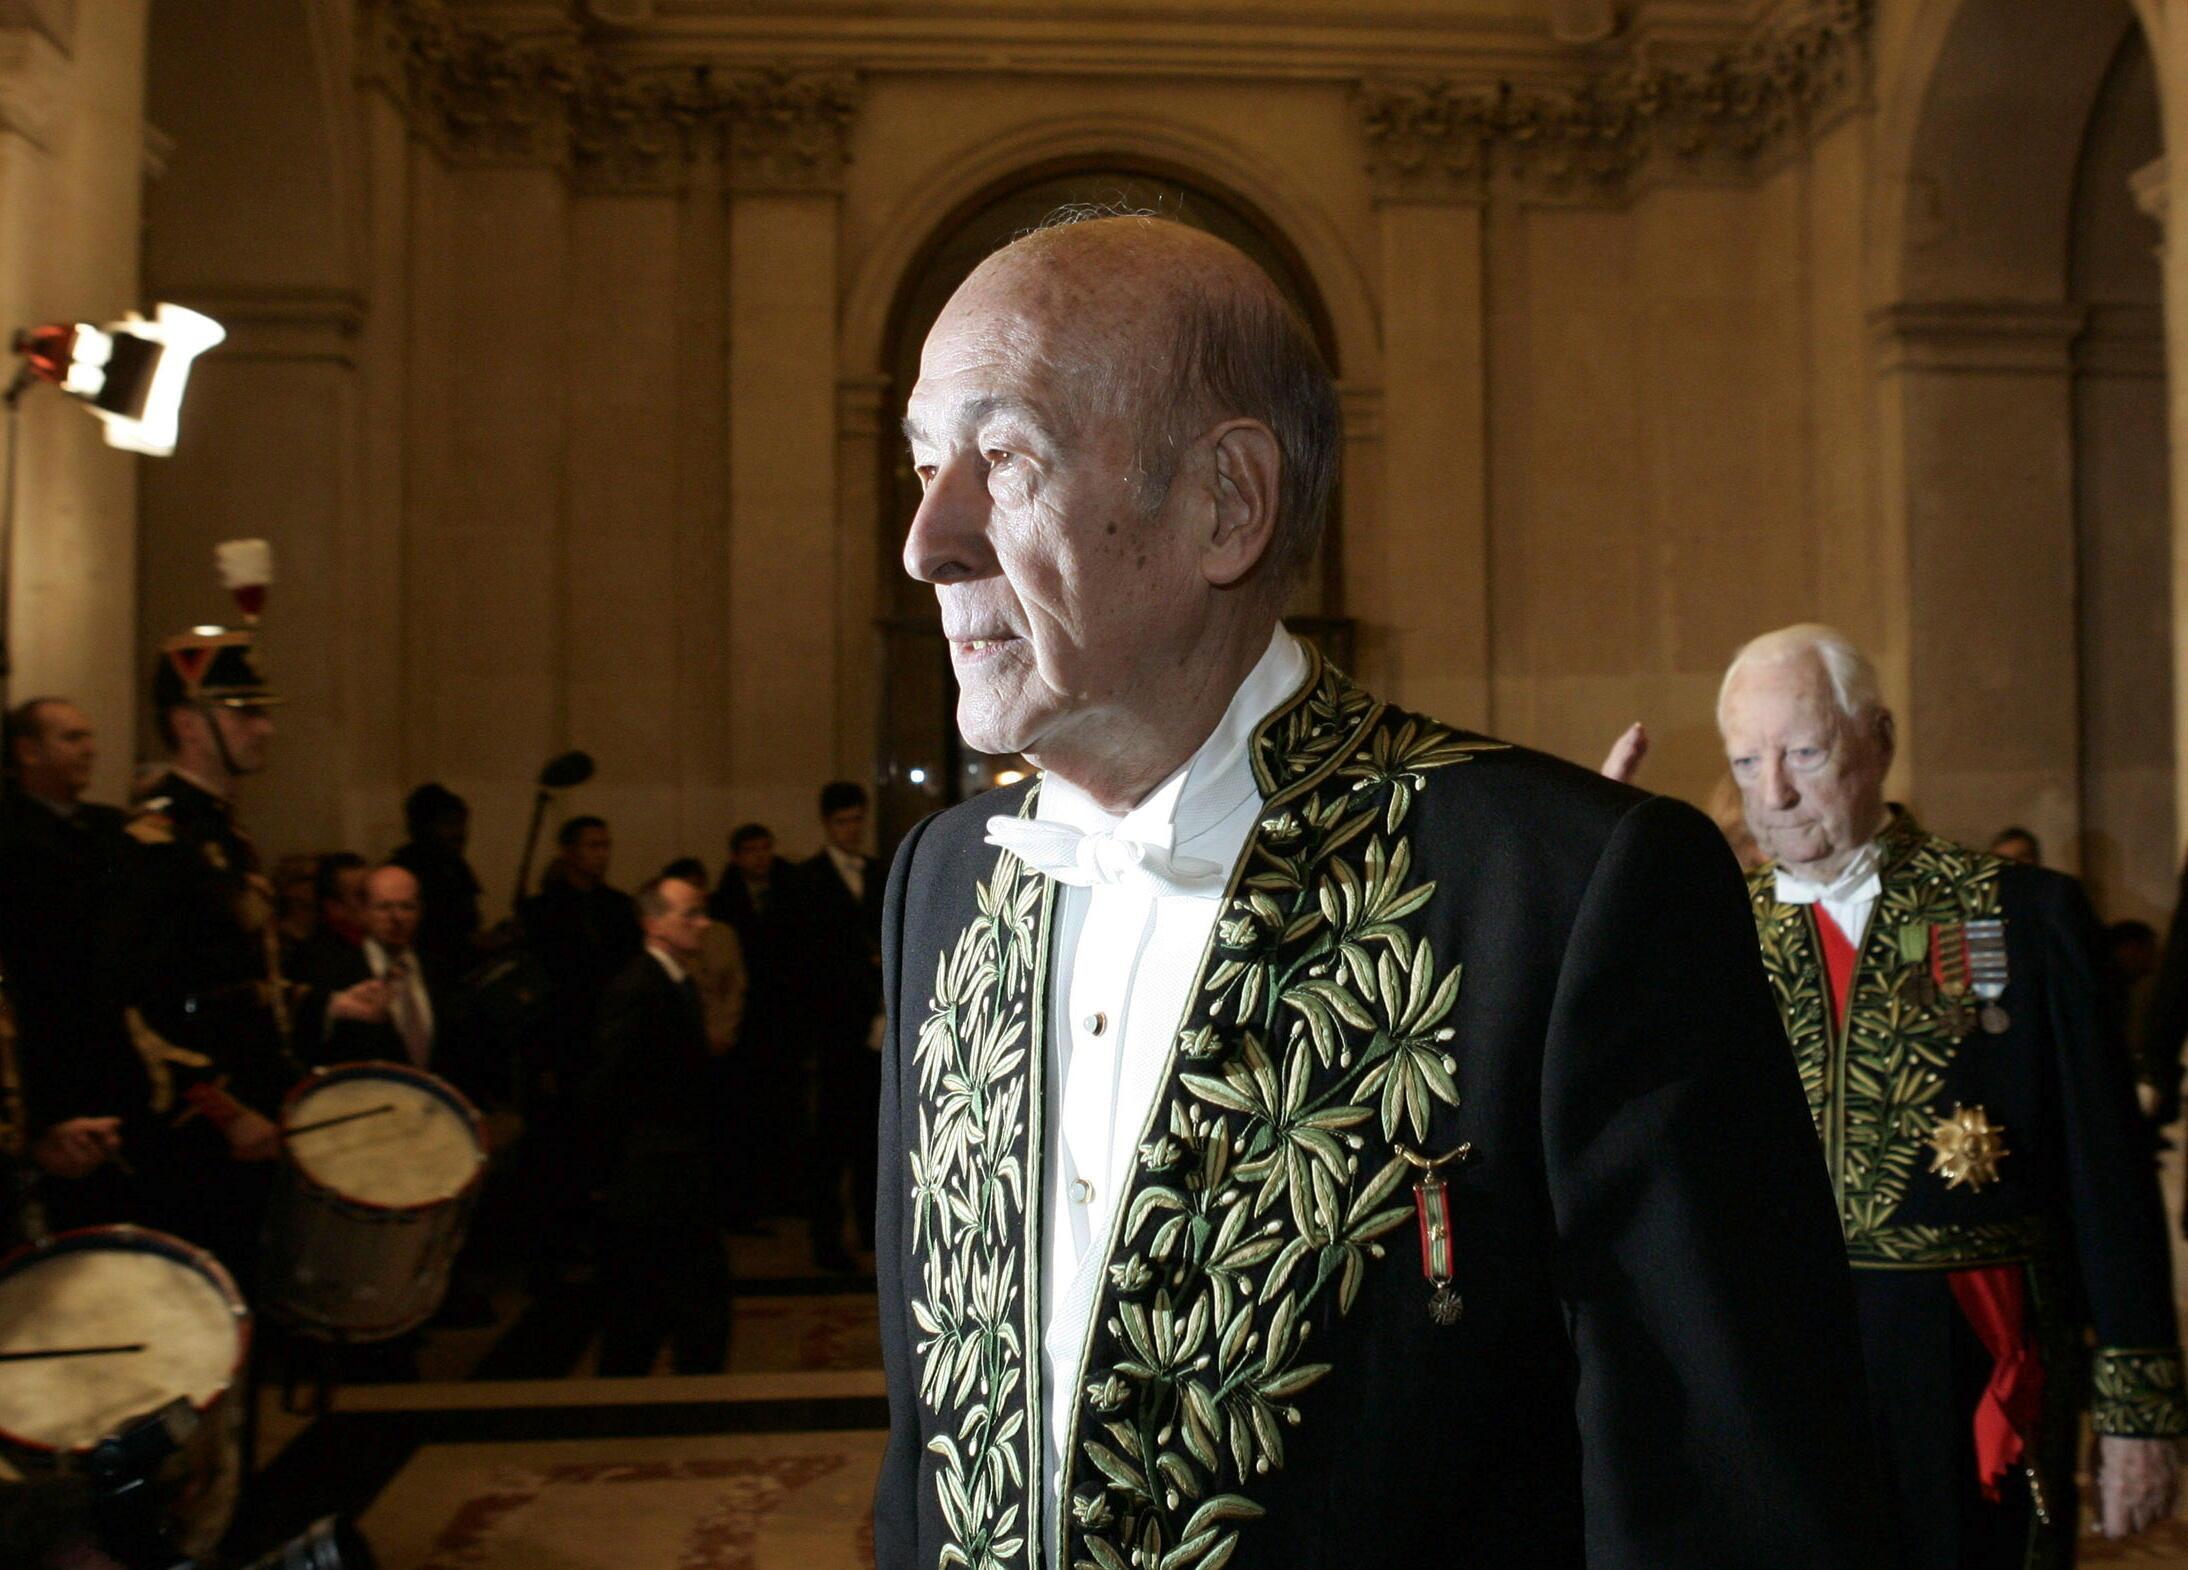 Валери Жискар д'Эстен в мундире члена Французской академии. 16 декабря 2004